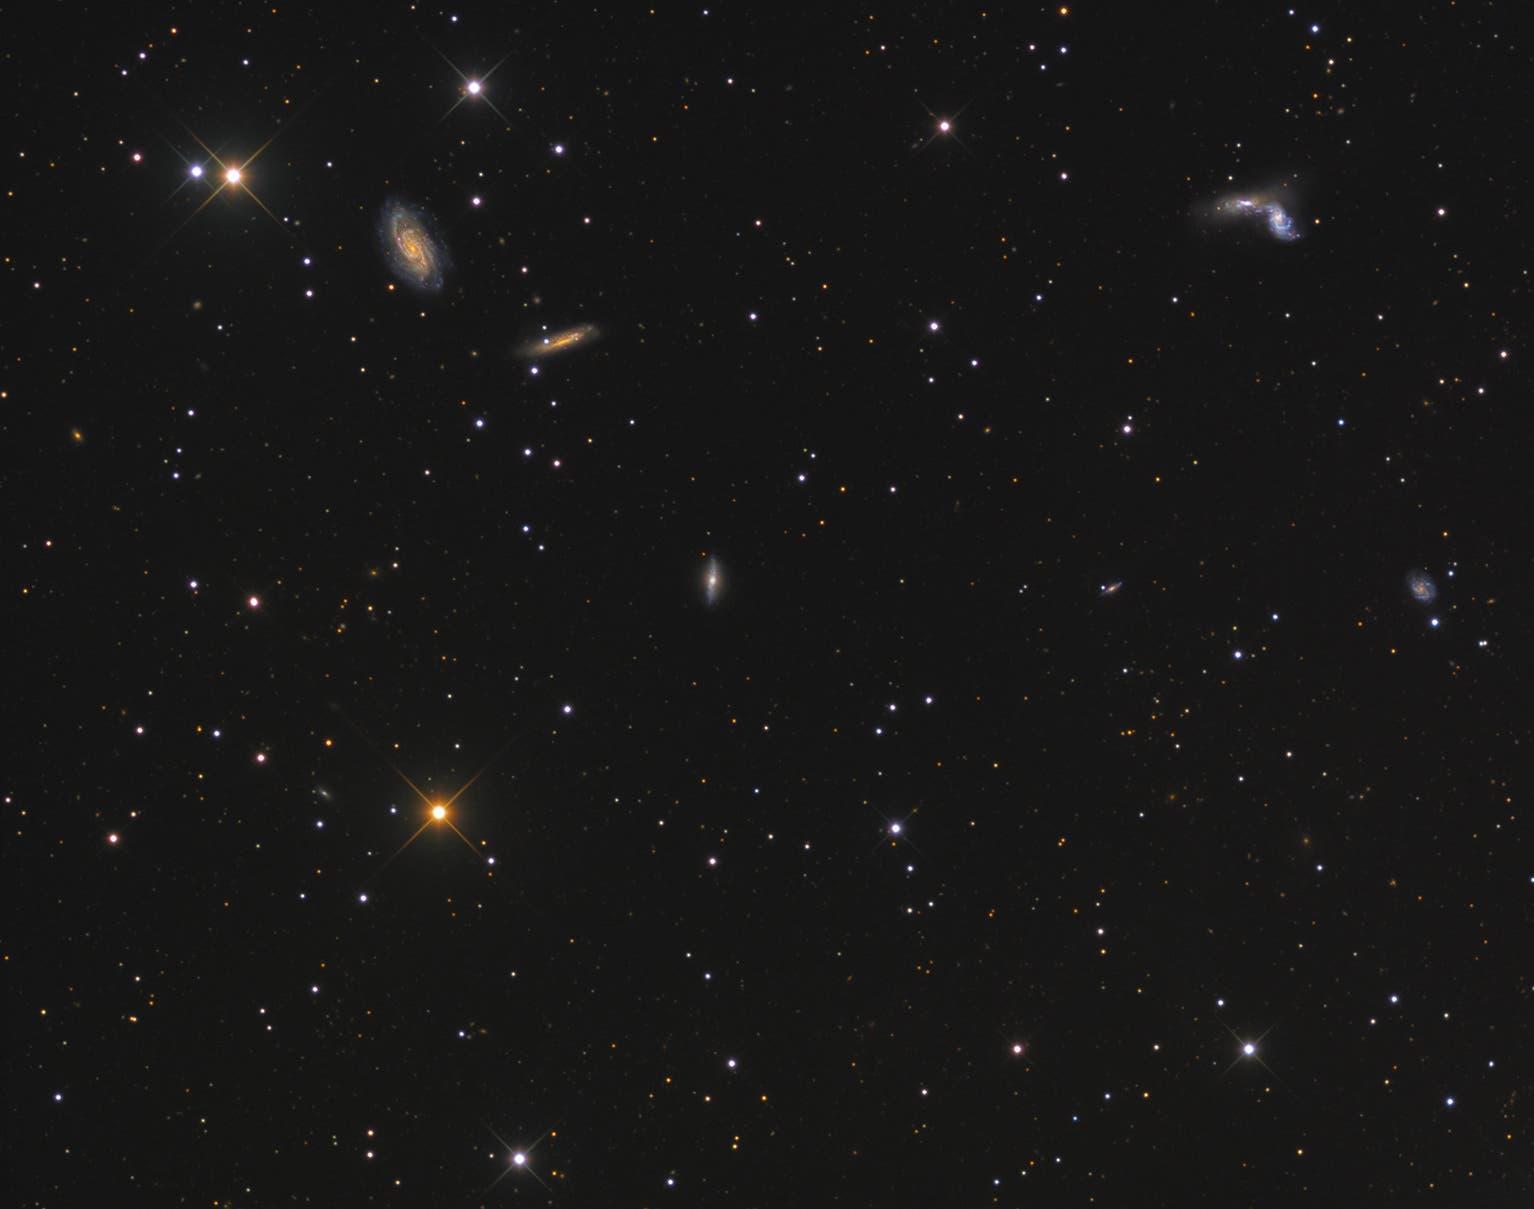 NGC 3413